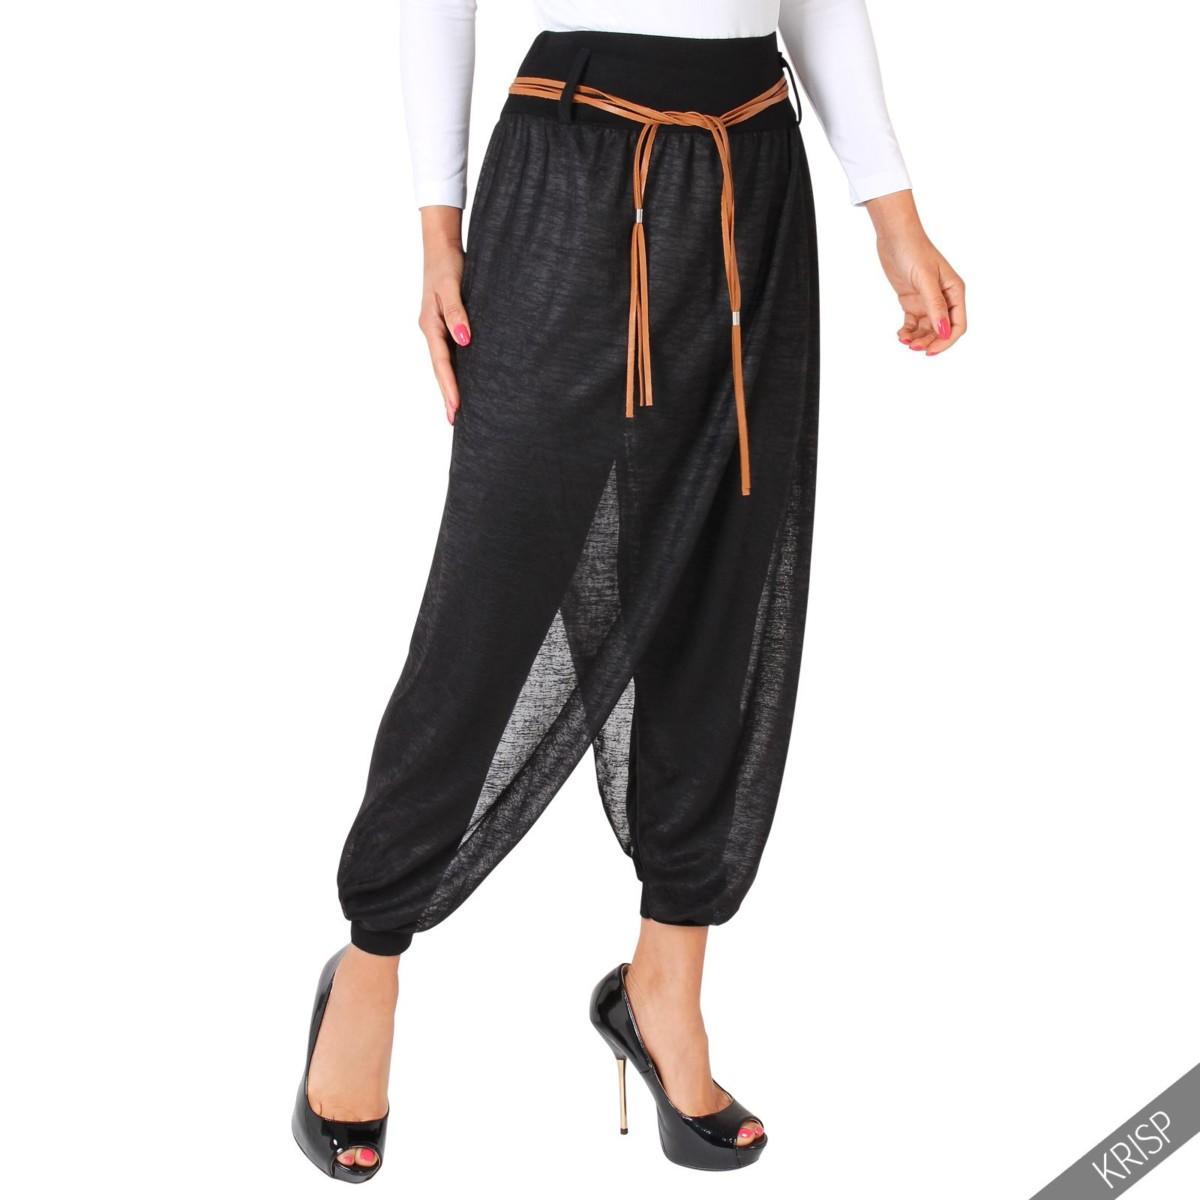 Vêtements, accessoires > Femmes: vêtements > Pantalons